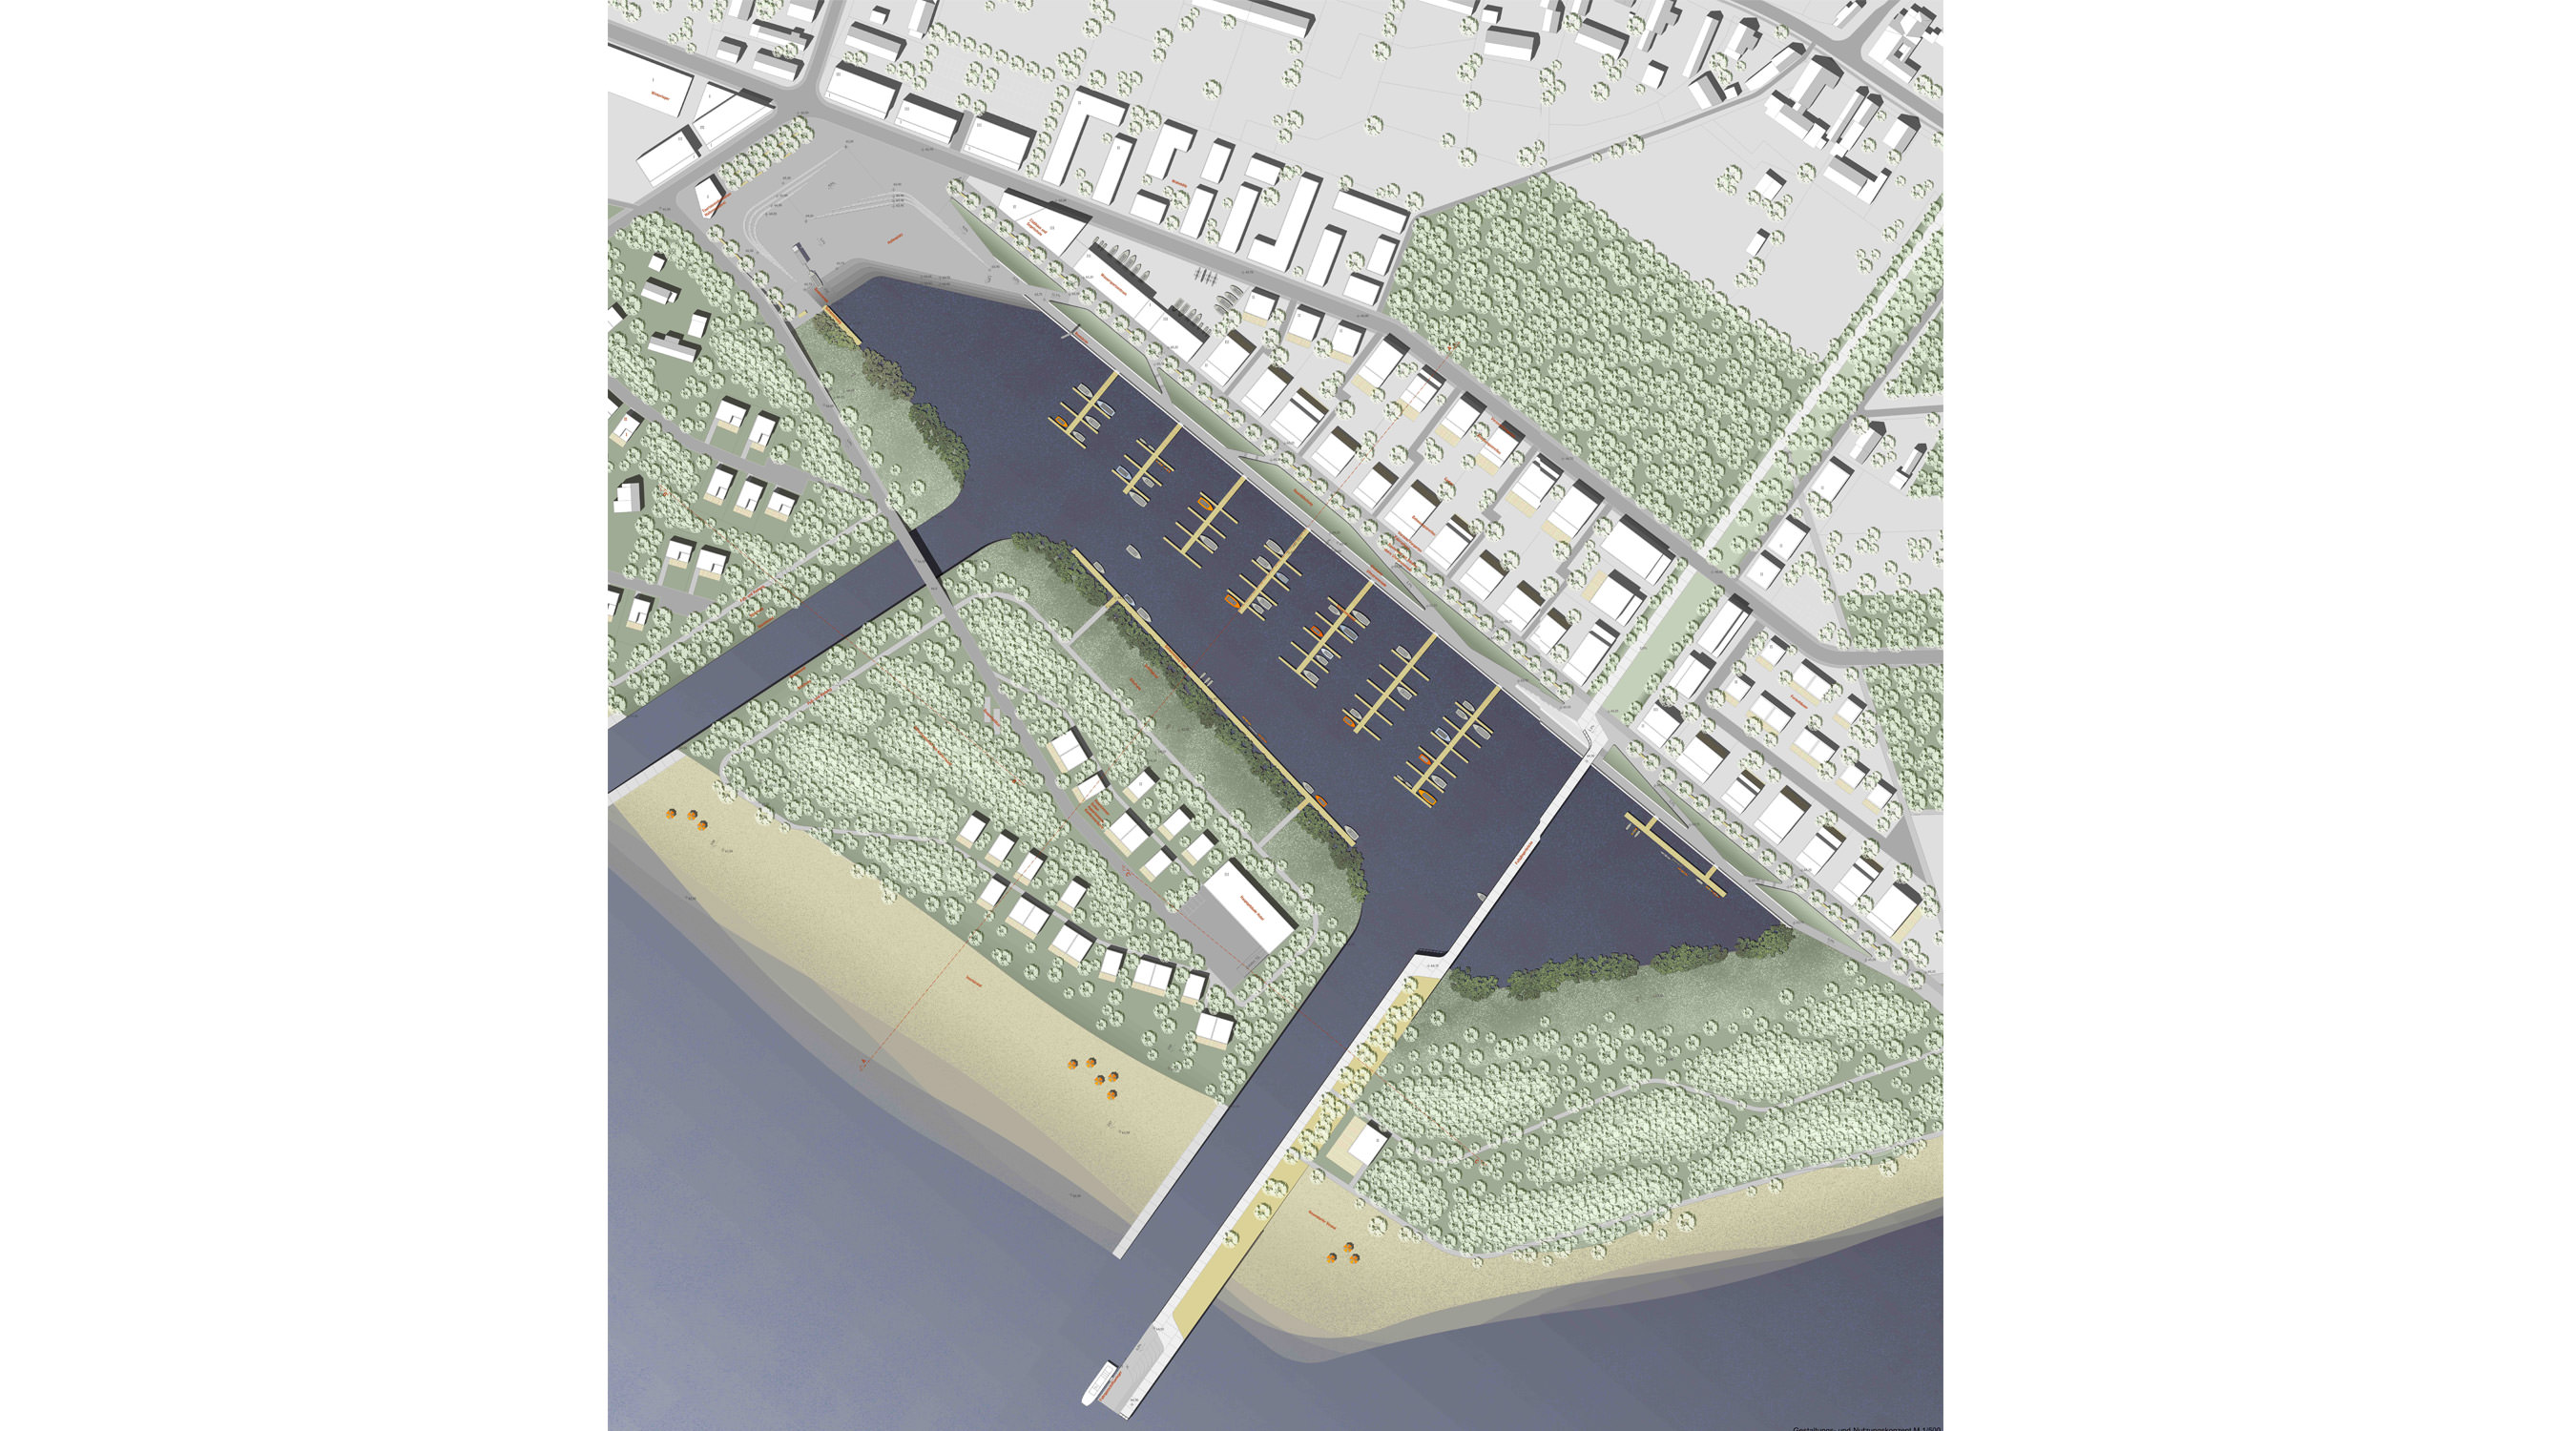 Seehafen Teichland Lageplan